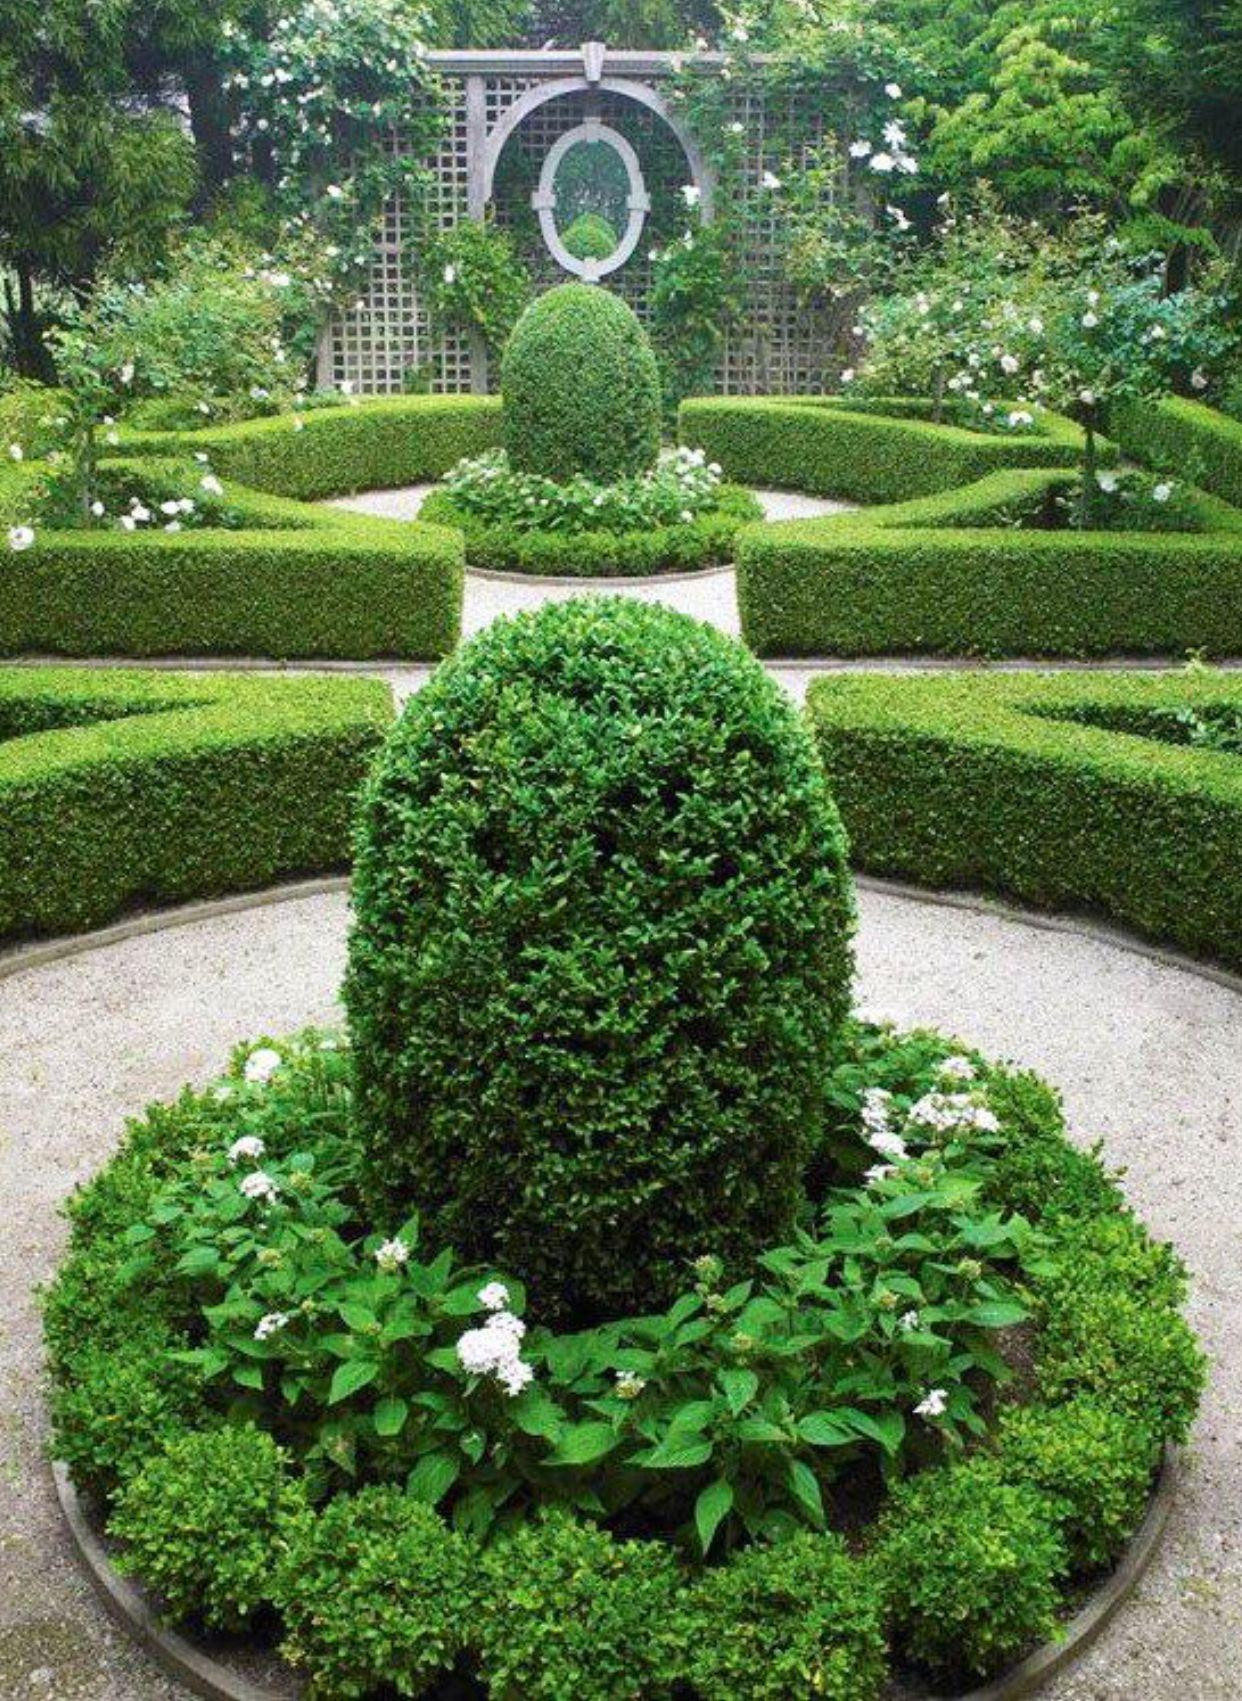 My little backyard little versailles lol top landscaping garden design pinterest - My little jardin ...